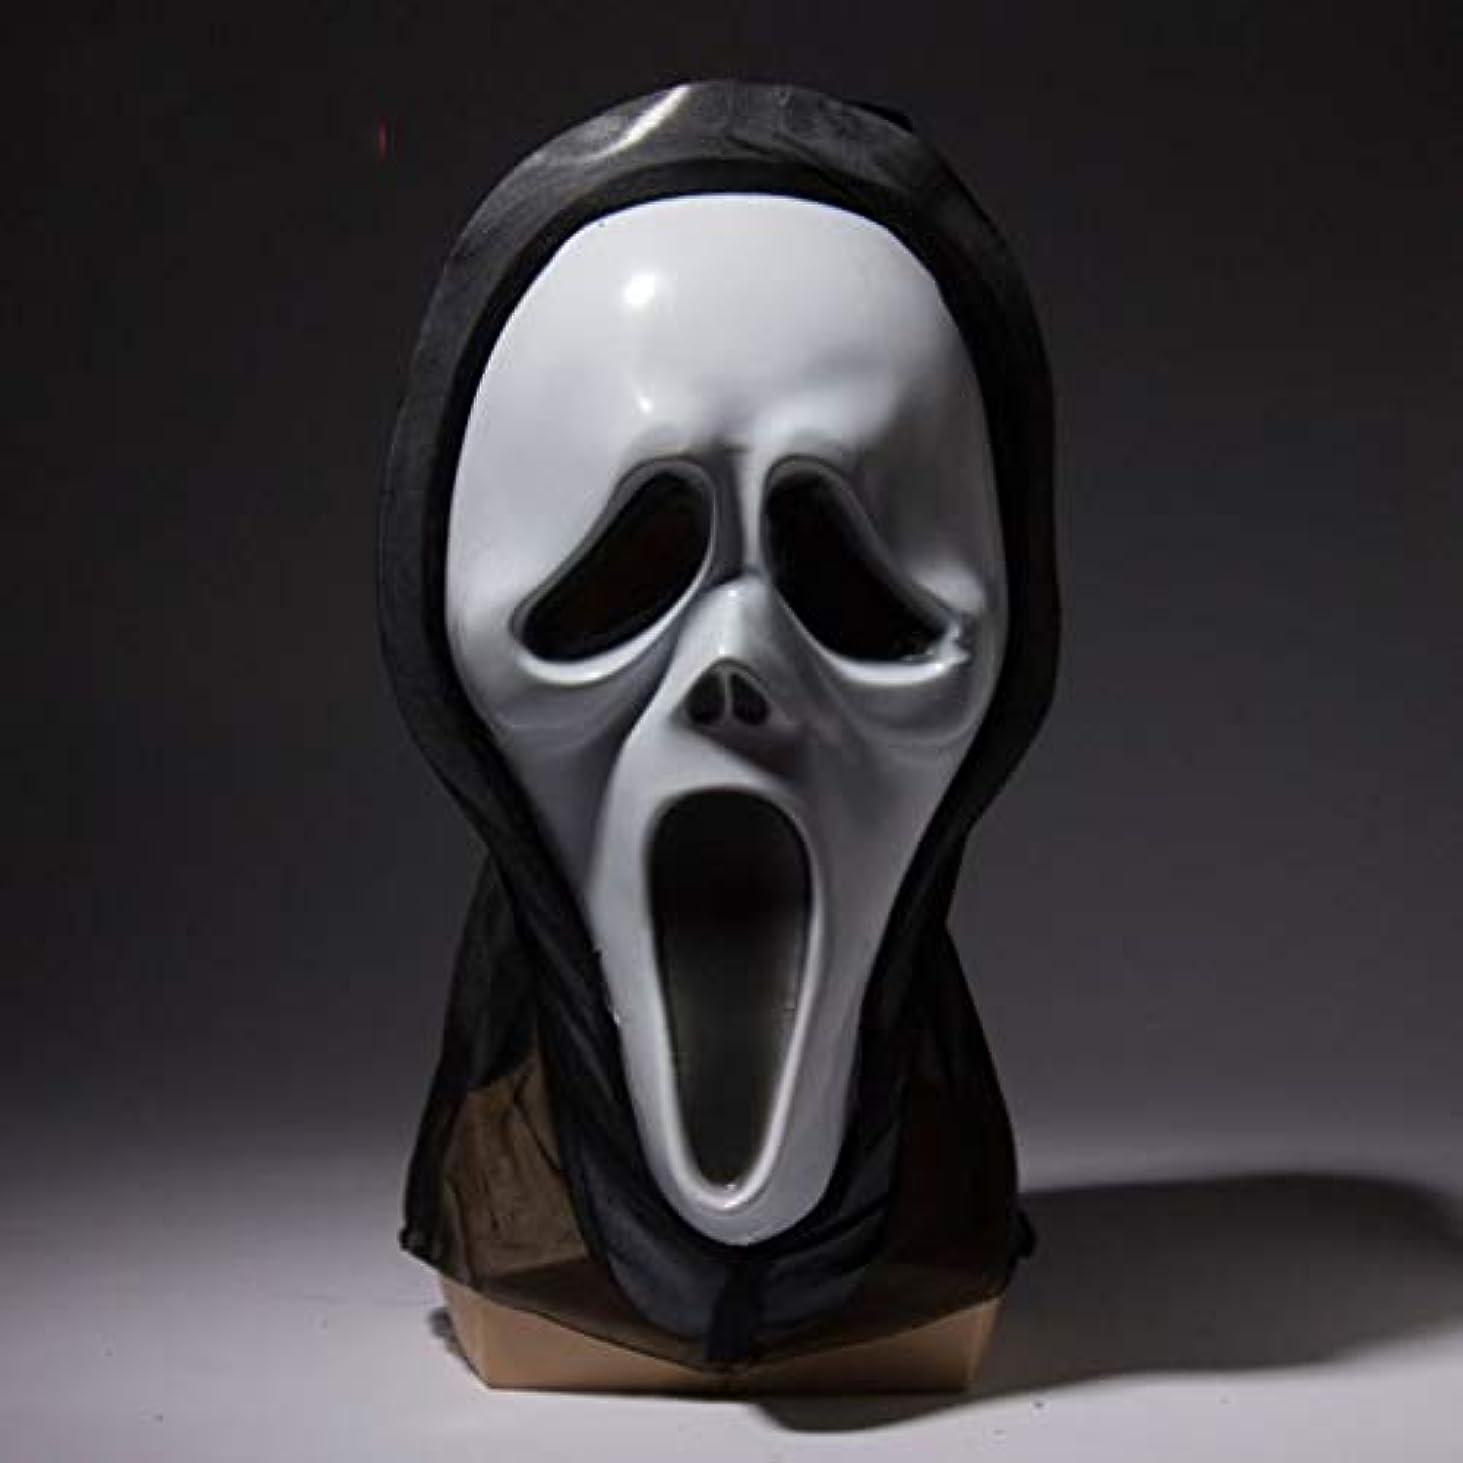 窒息させるサイト不変ハロウィーン悲鳴悪魔ホラーマスクしかめっ面怖いゾンビヘッドギア大人ゴーストフェスティバルボールマスク